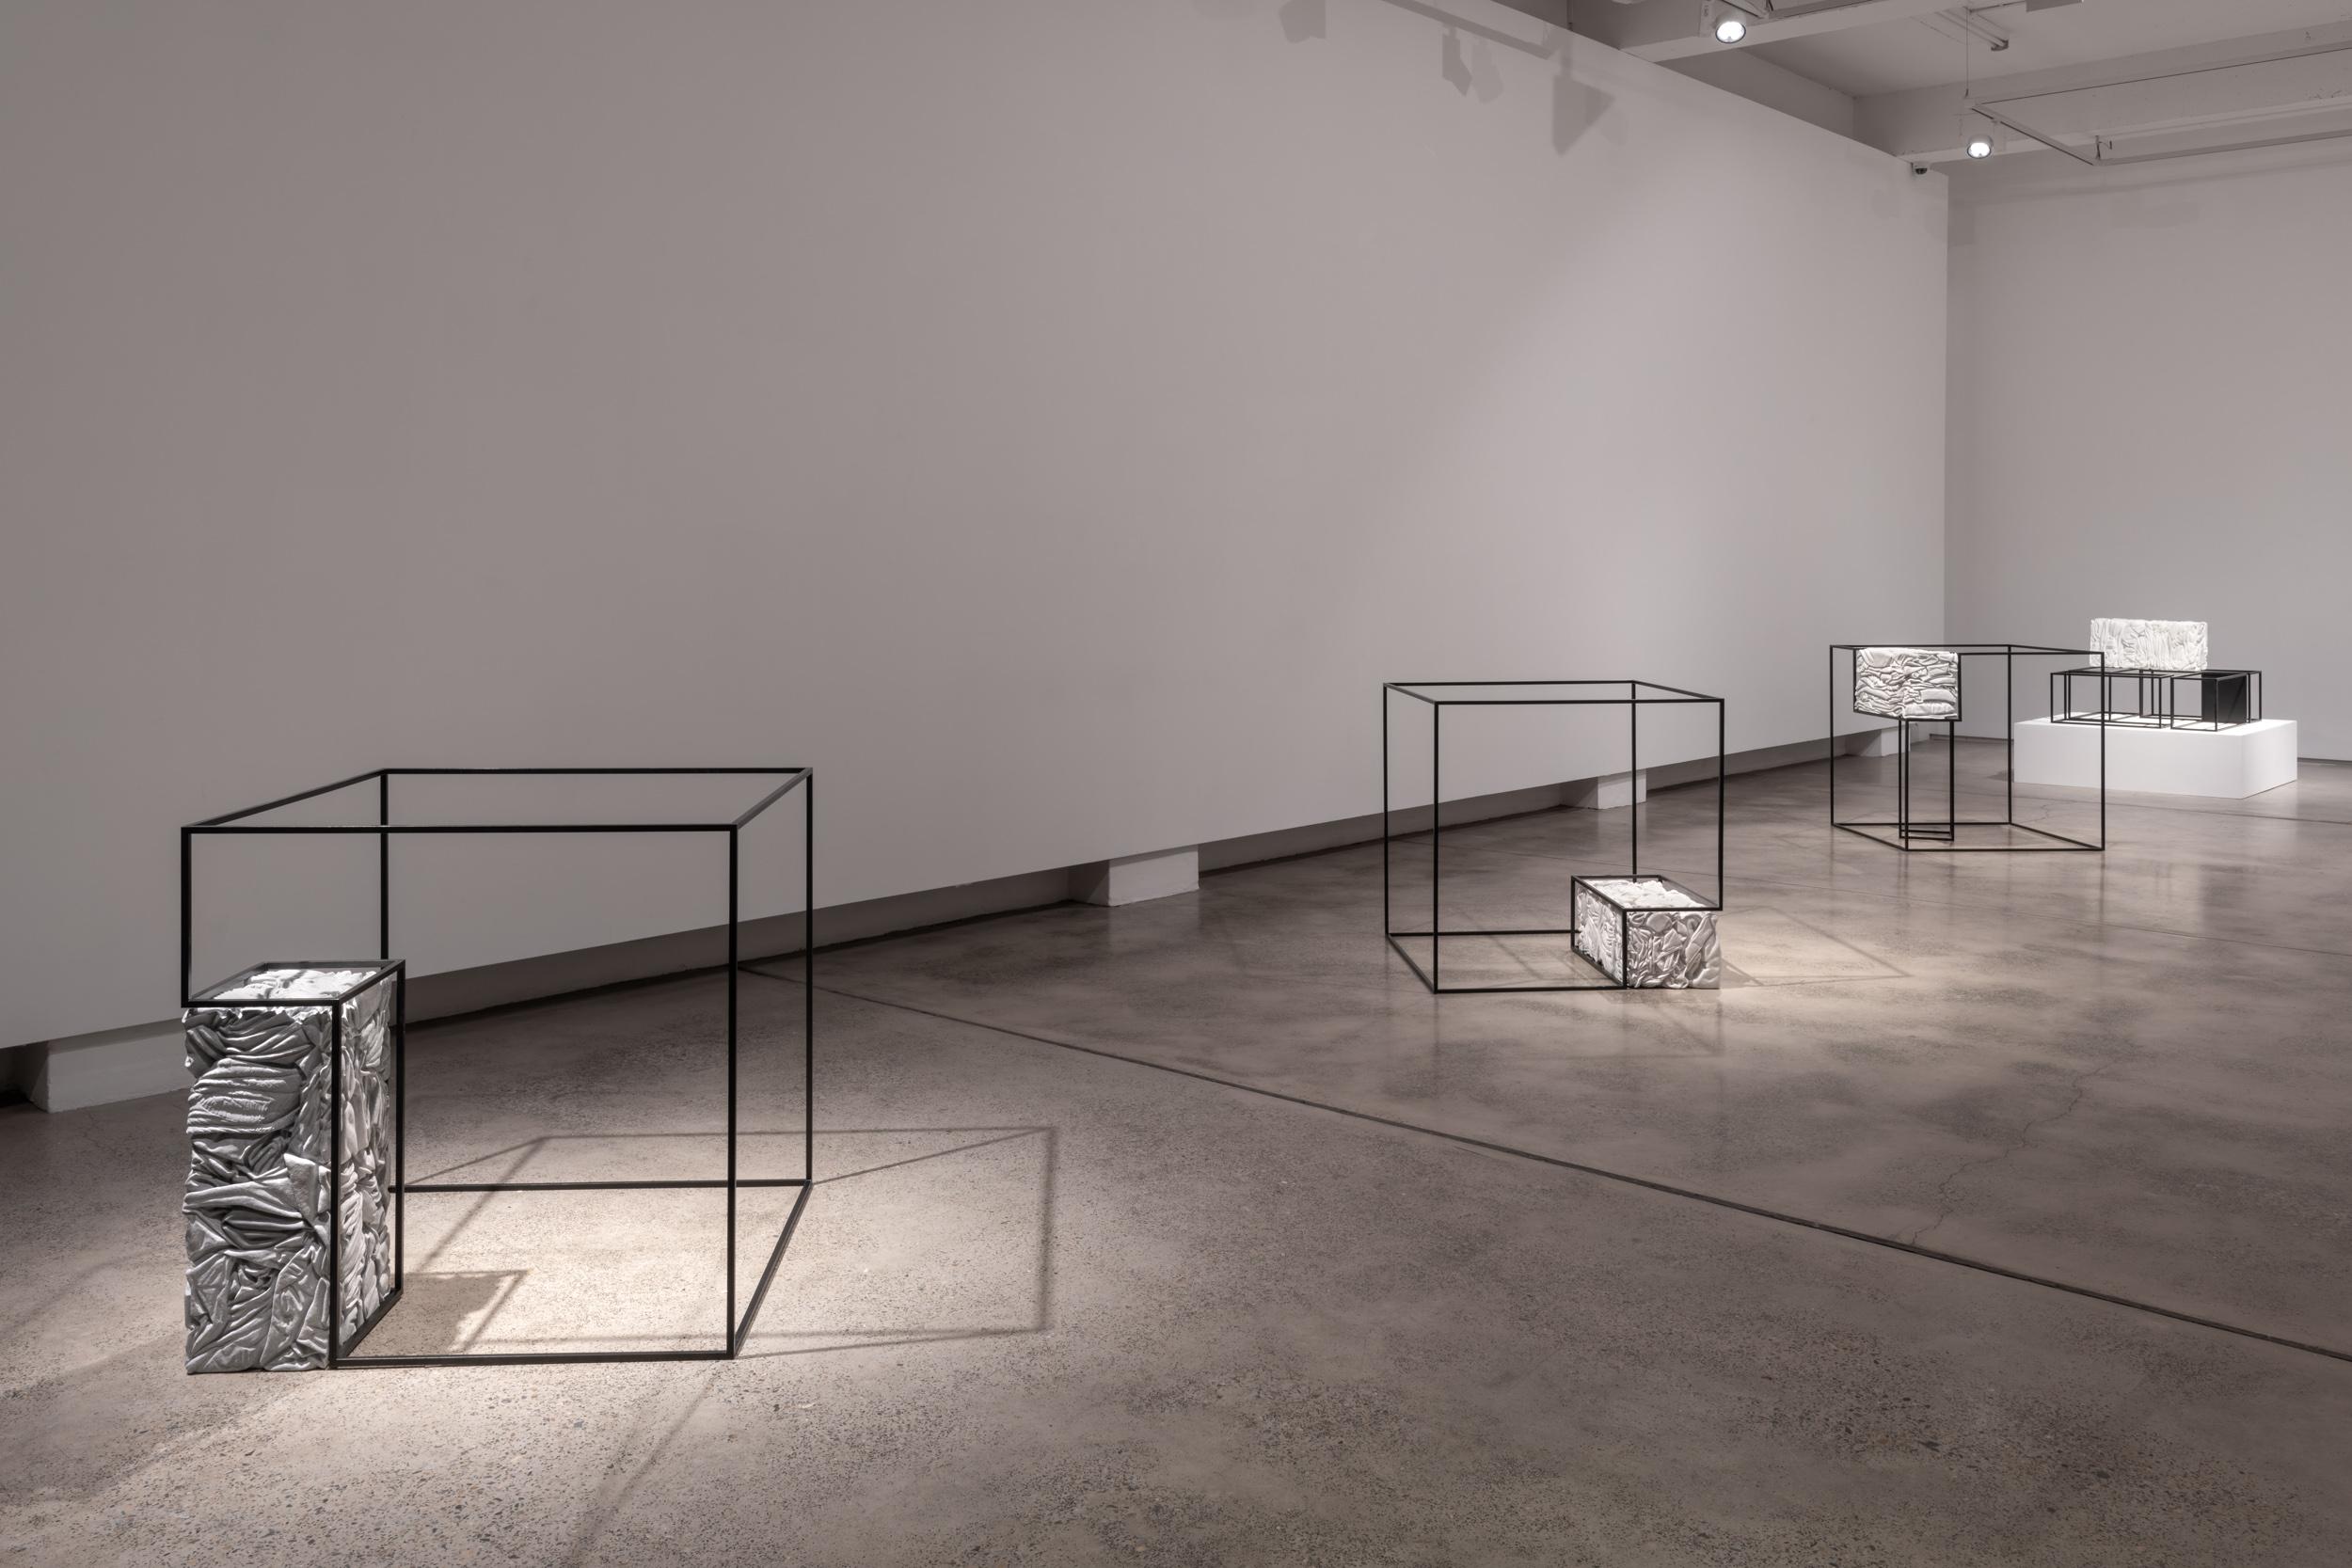 Alex Seton_Cargo_2018_Installation_003.jpg